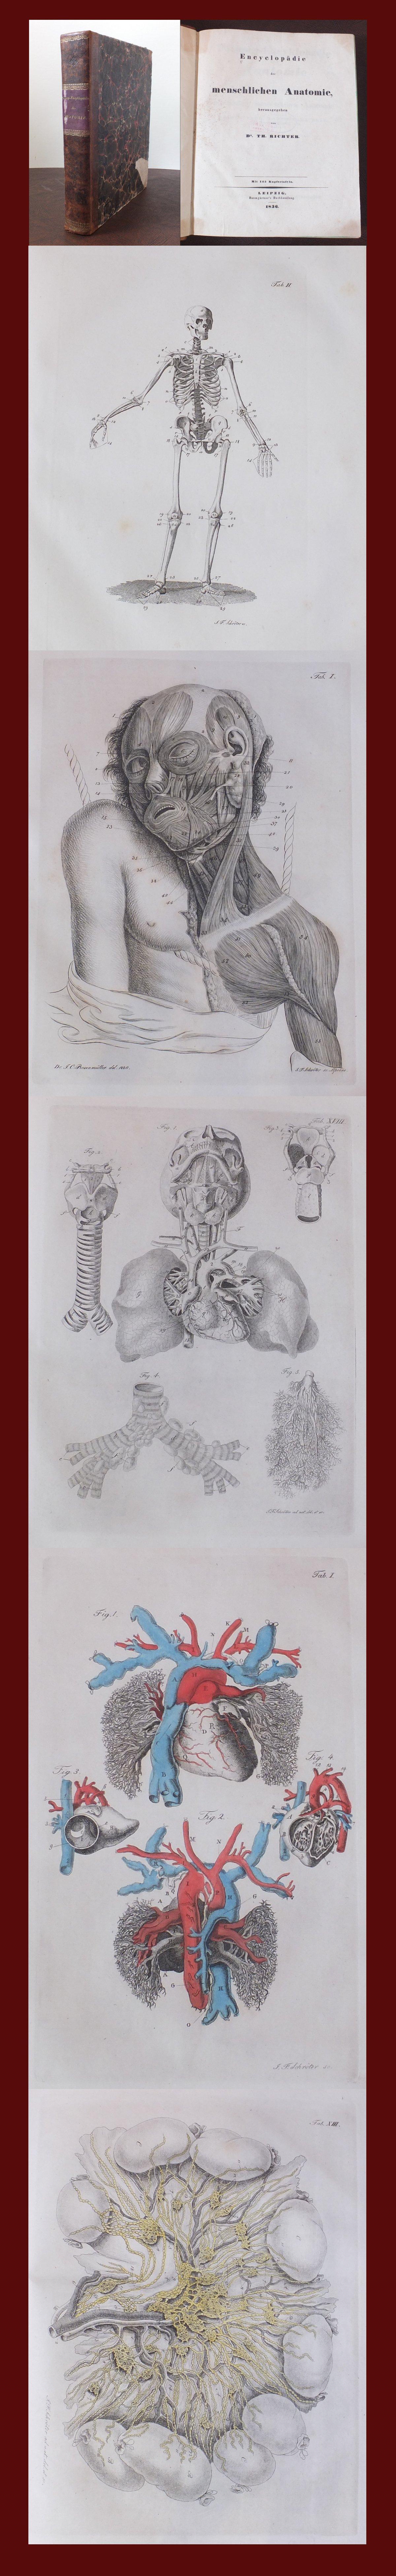 Beste Atlas Der Menschlichen Anatomie 4. Auflage Fotos - Physiologie ...